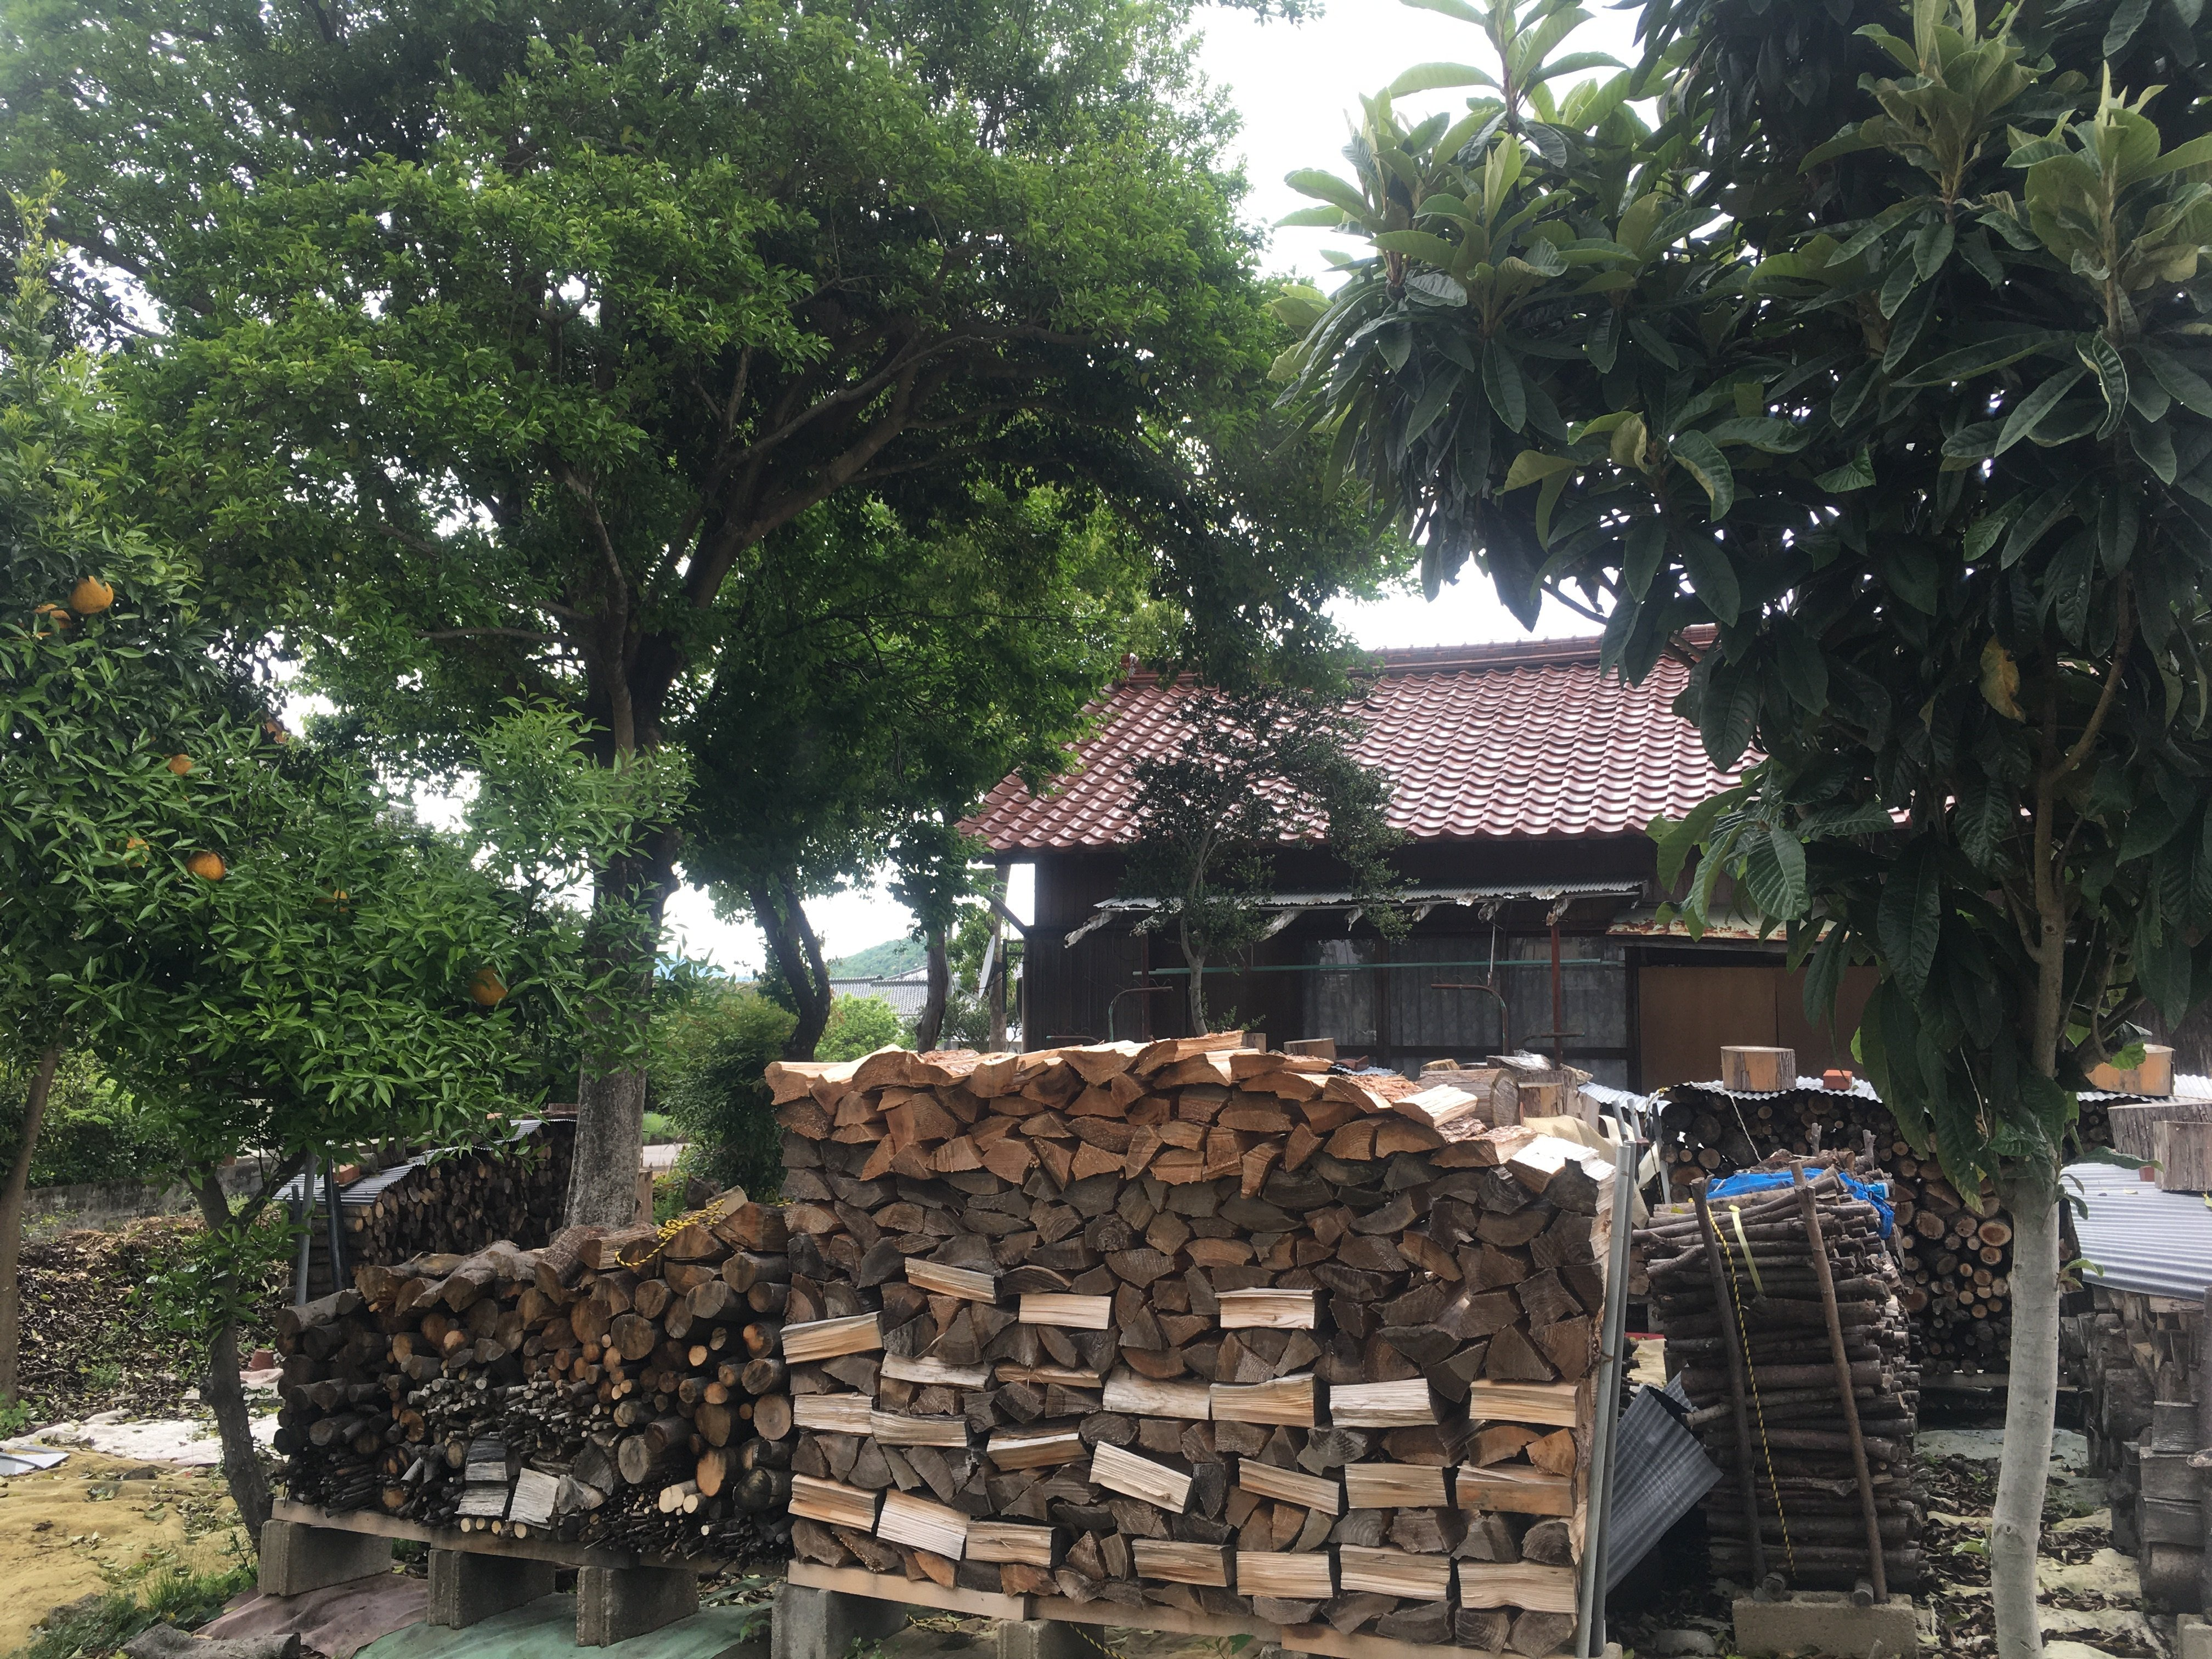 薪屋きすけ 薪(規格外木材自然なり)薪づくり作業体験 ご相談・お見積もりのイメージその2